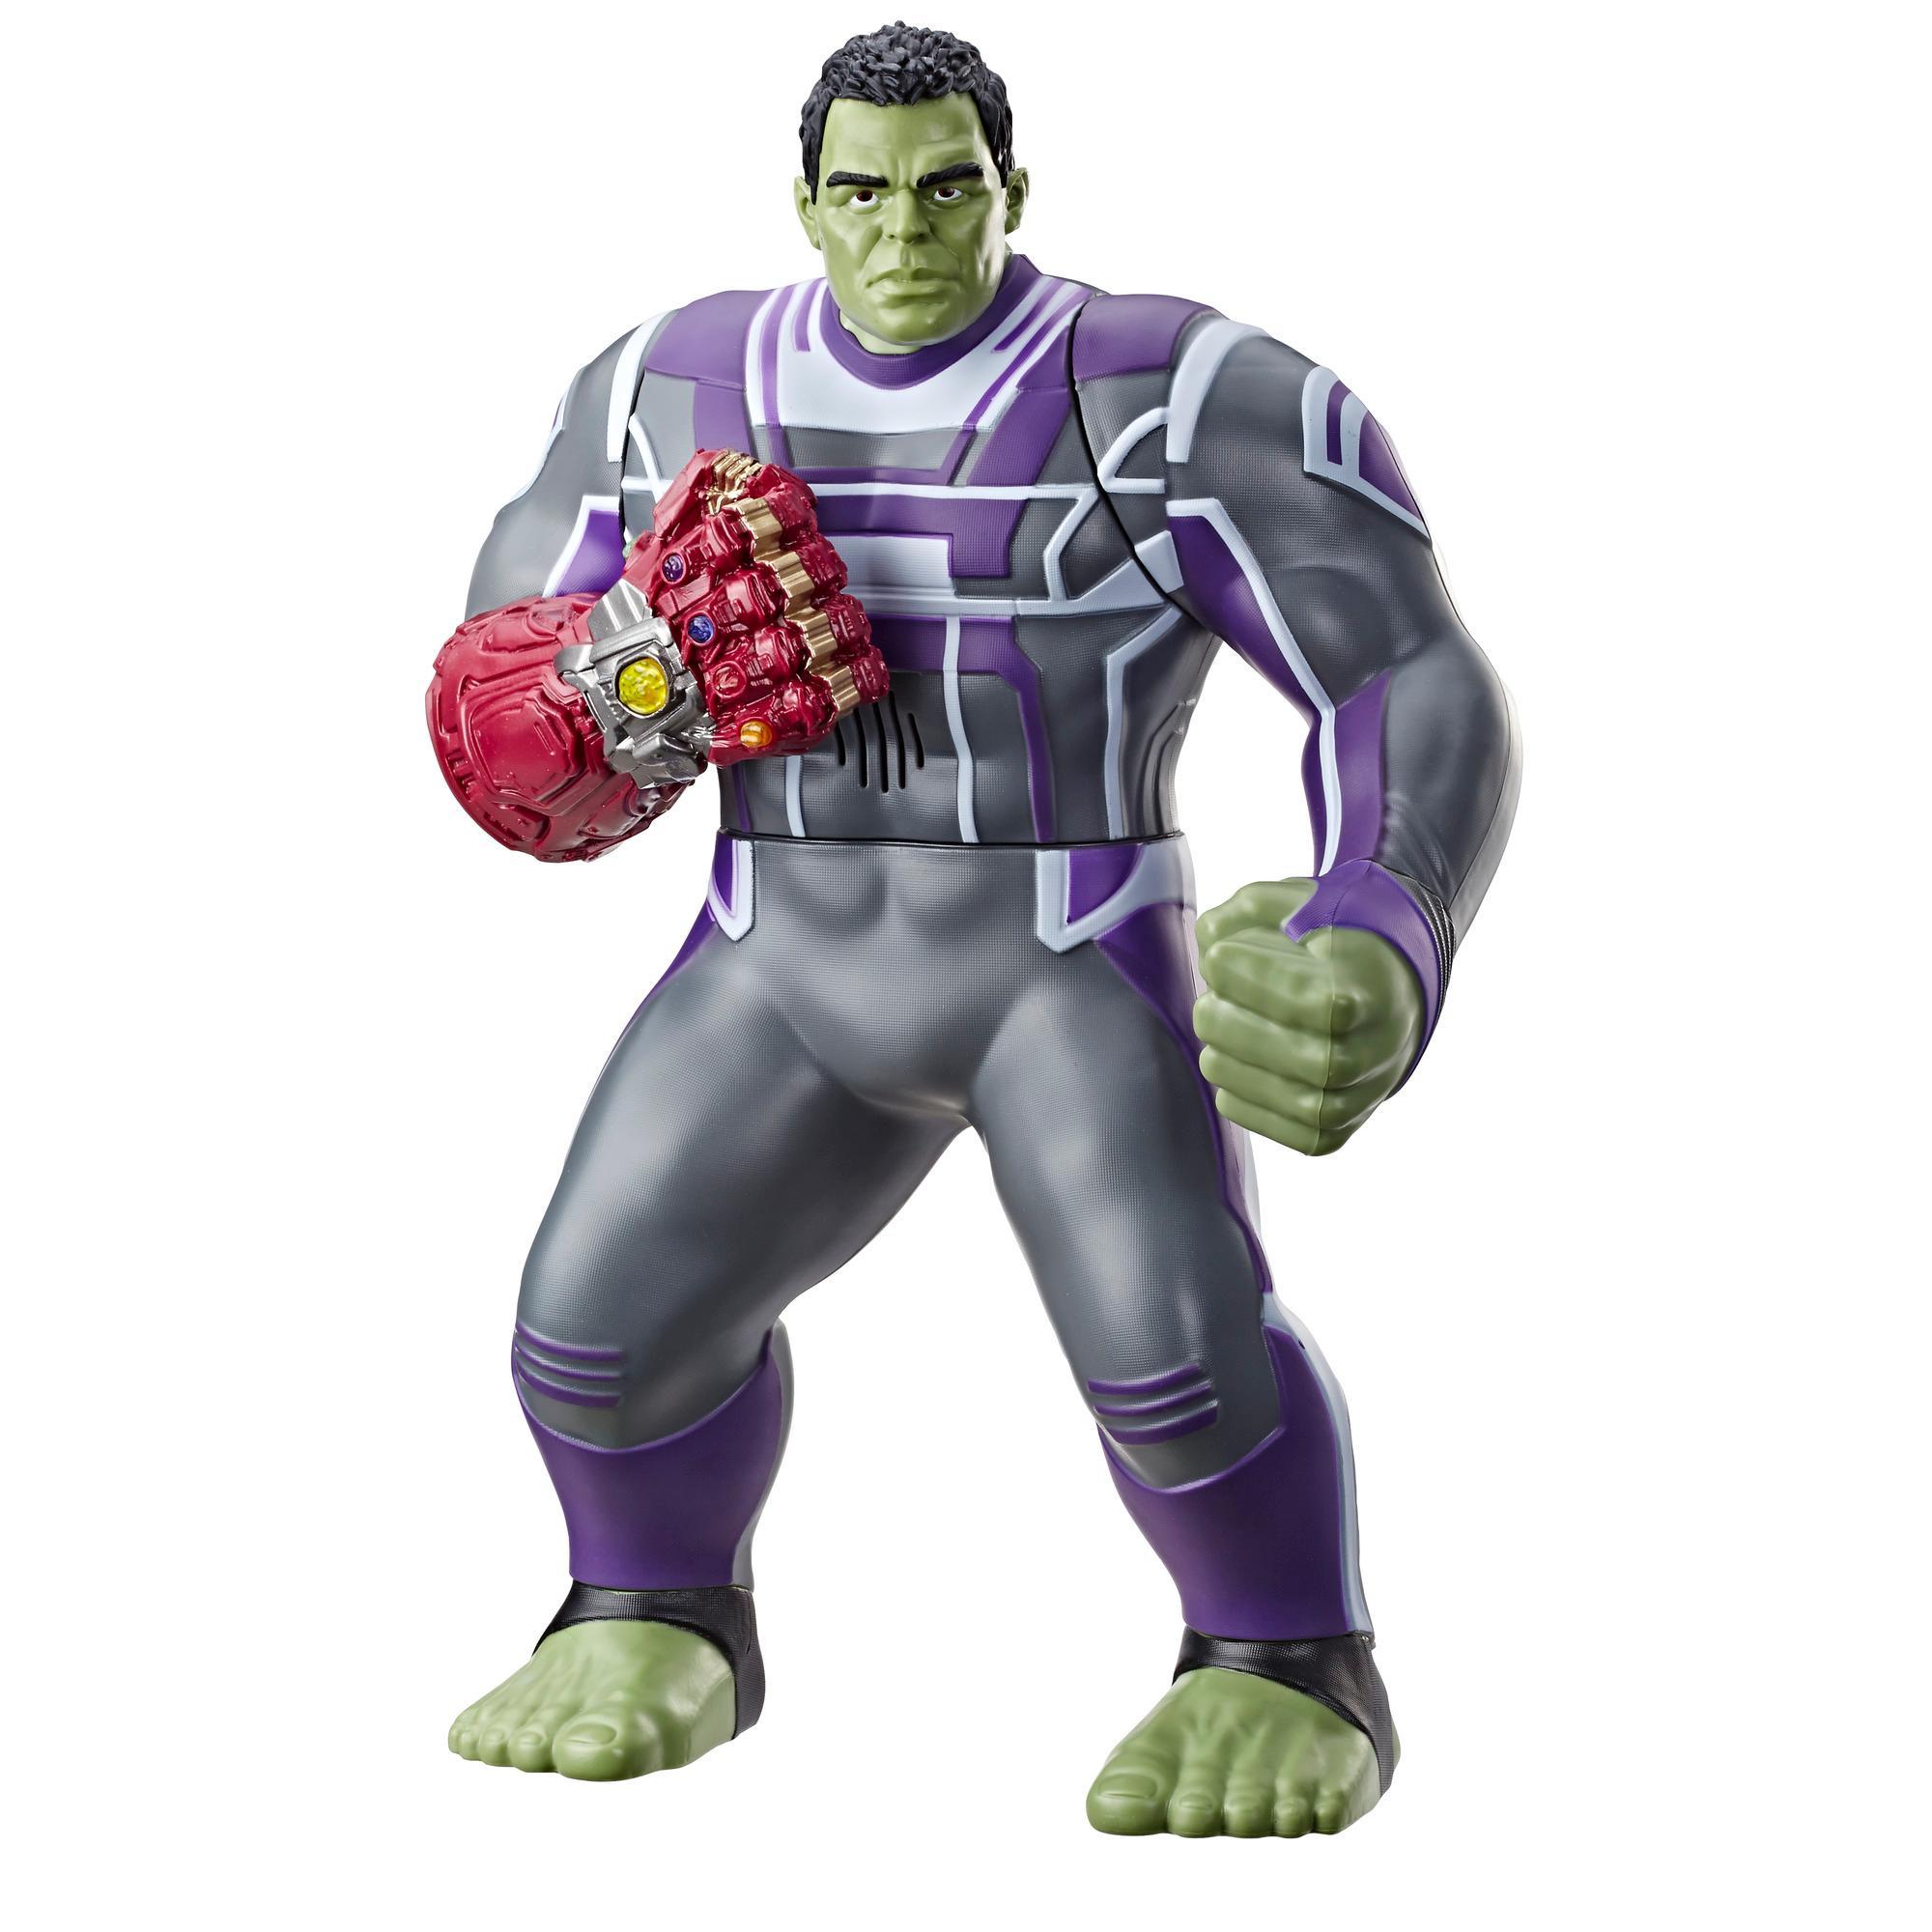 Marvel Avengers: Endgame Hulk Puño Poderoso - Figura de acción de 34,5 cm